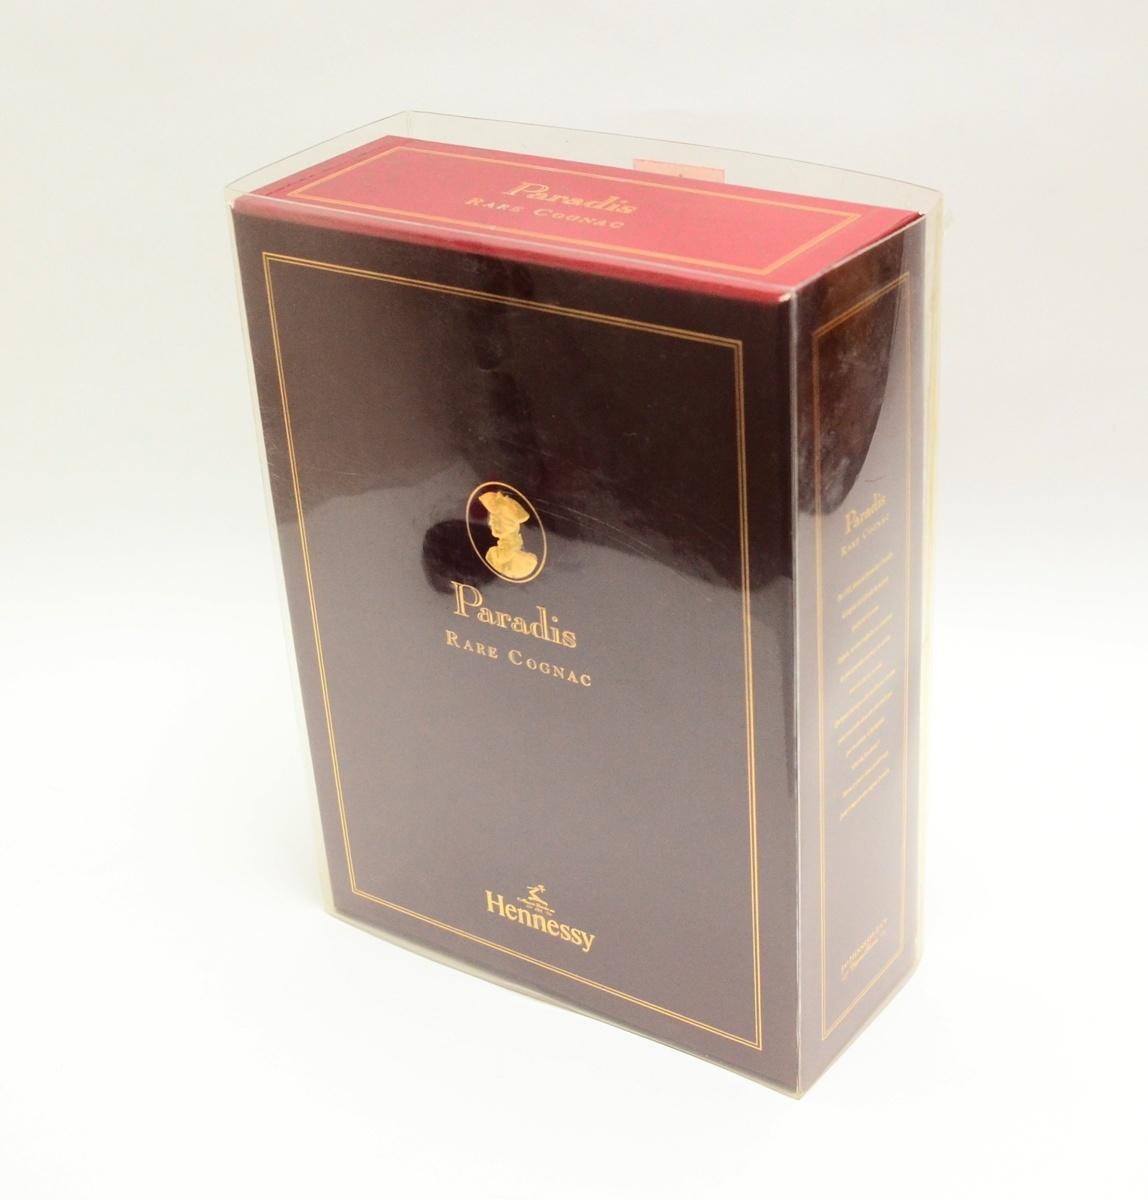 未開栓 ヘネシー パラディ 700ml 40% Hennessy Paradis RARE COGNAC ブランデー レア コニャック 金キャップ 洋酒_画像7